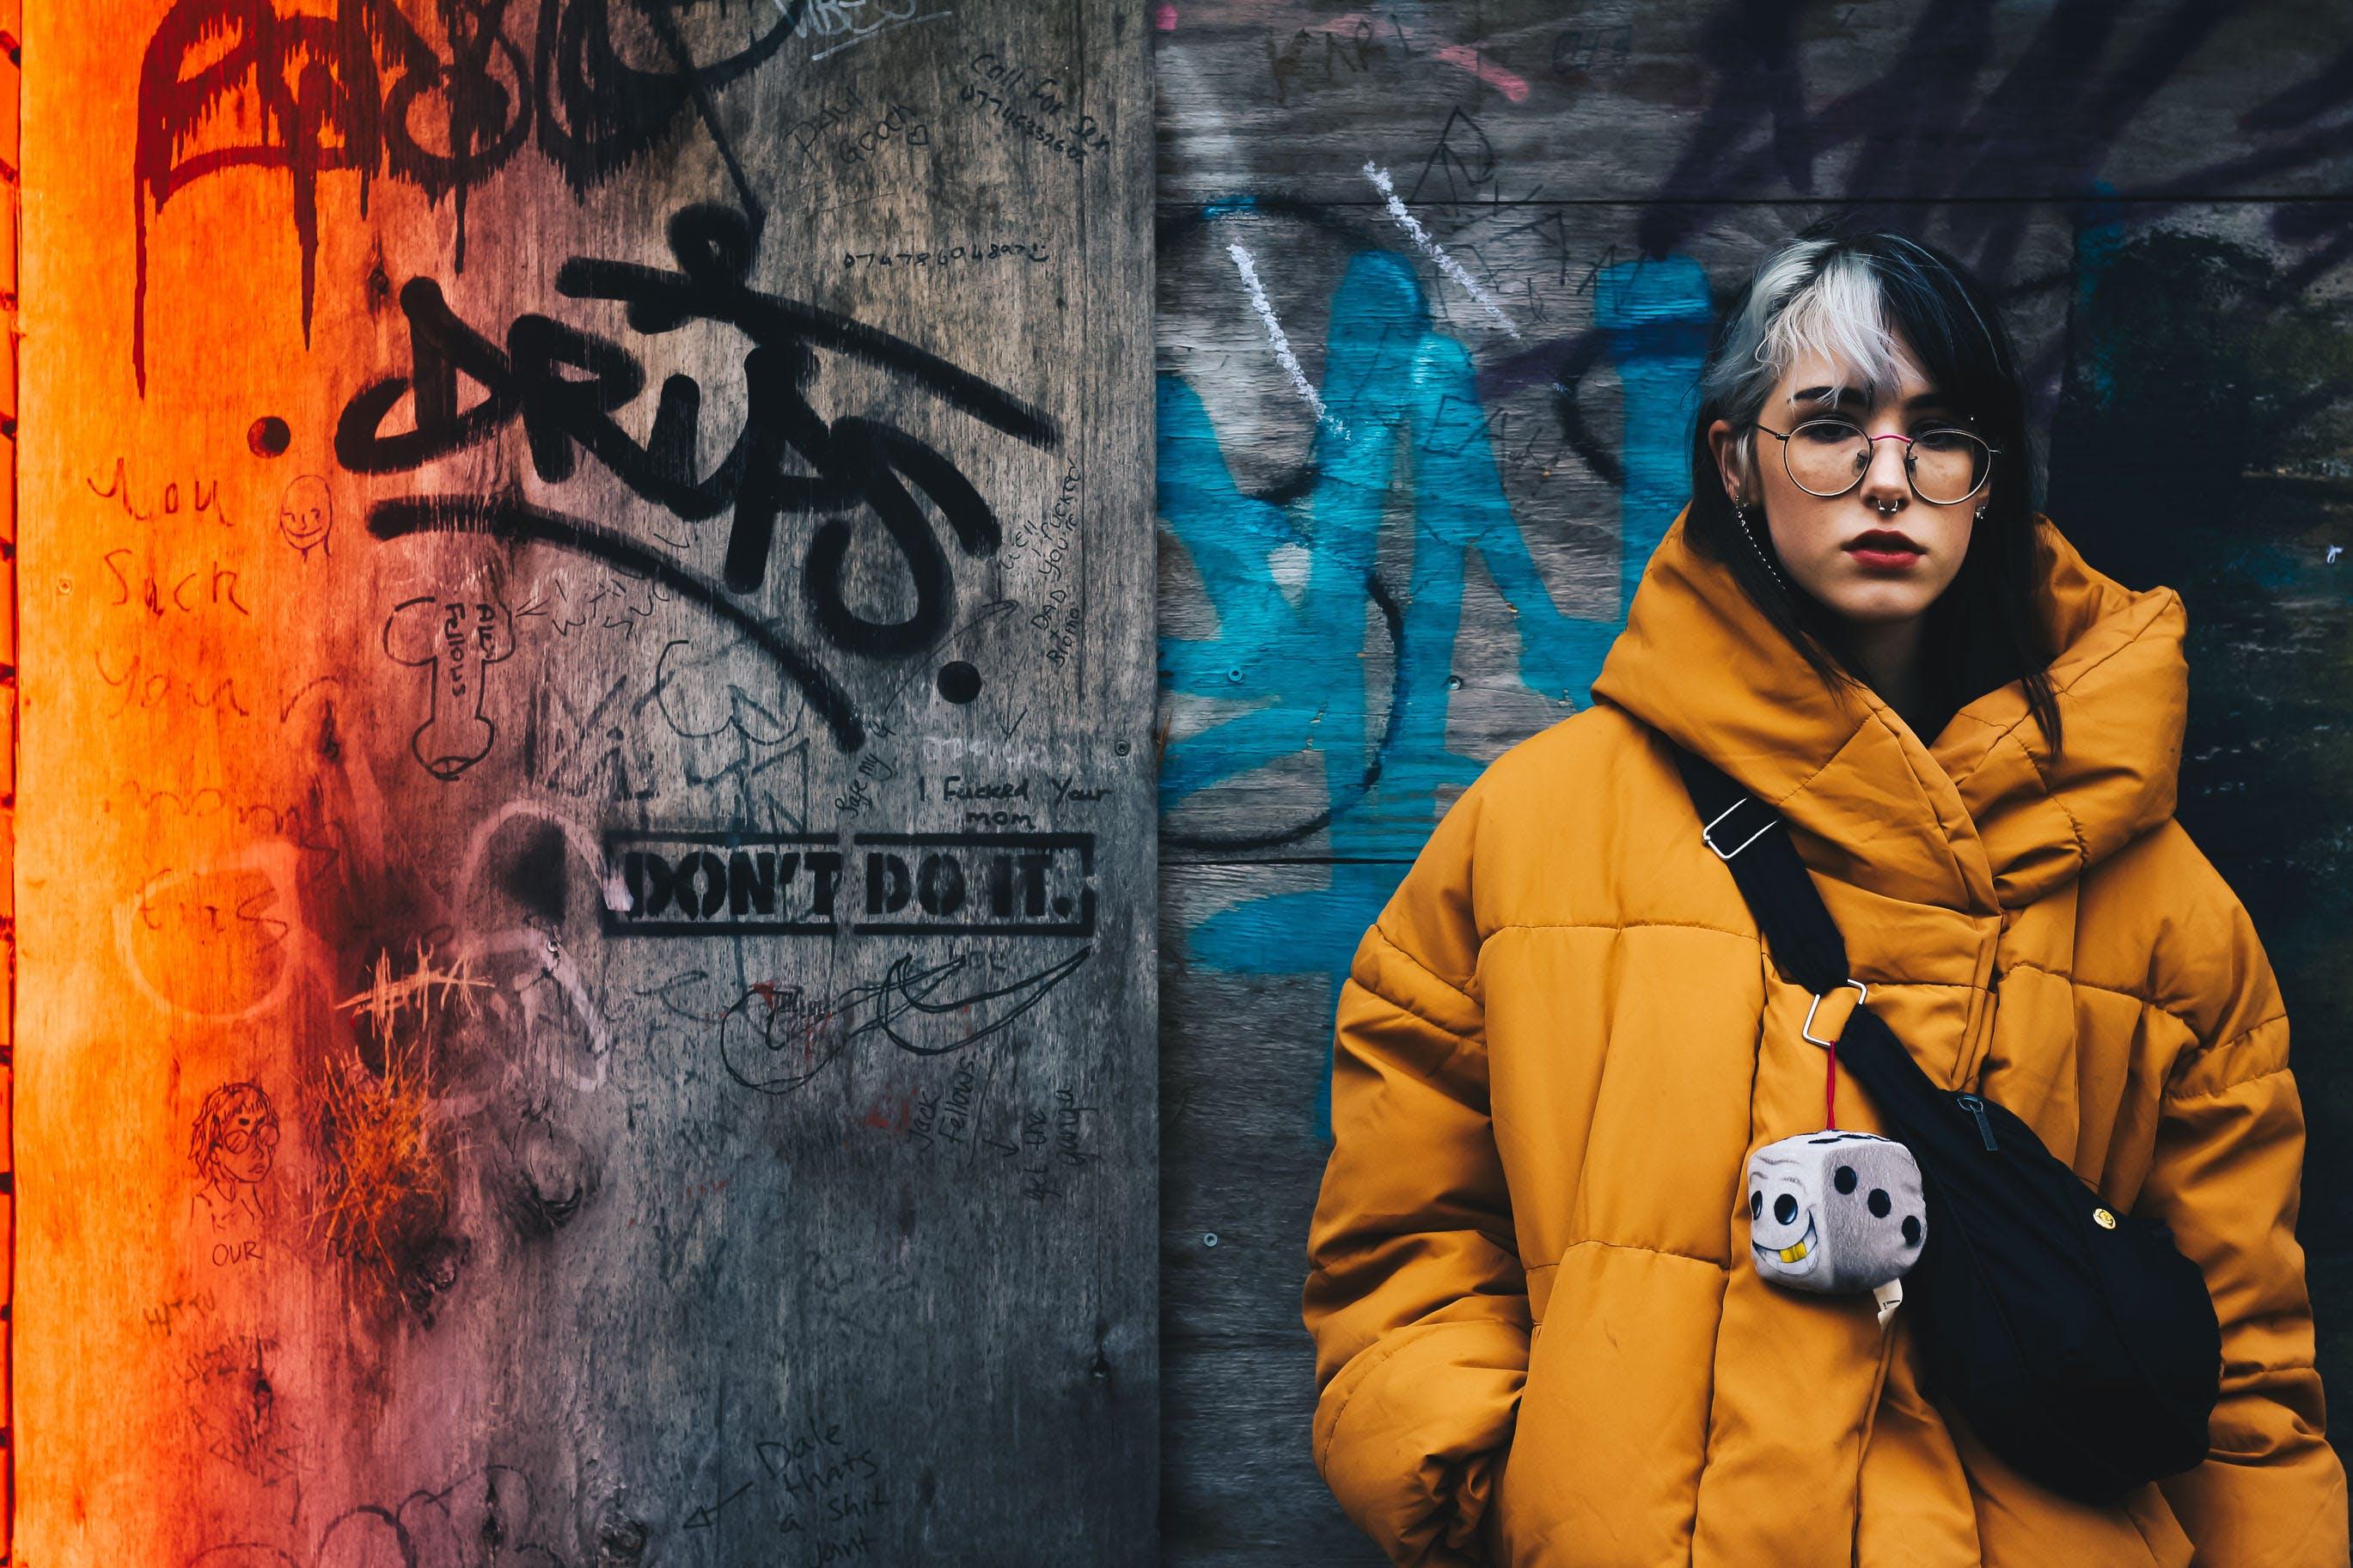 Photos gratuites de citadin, femme, graffiti, lunettes